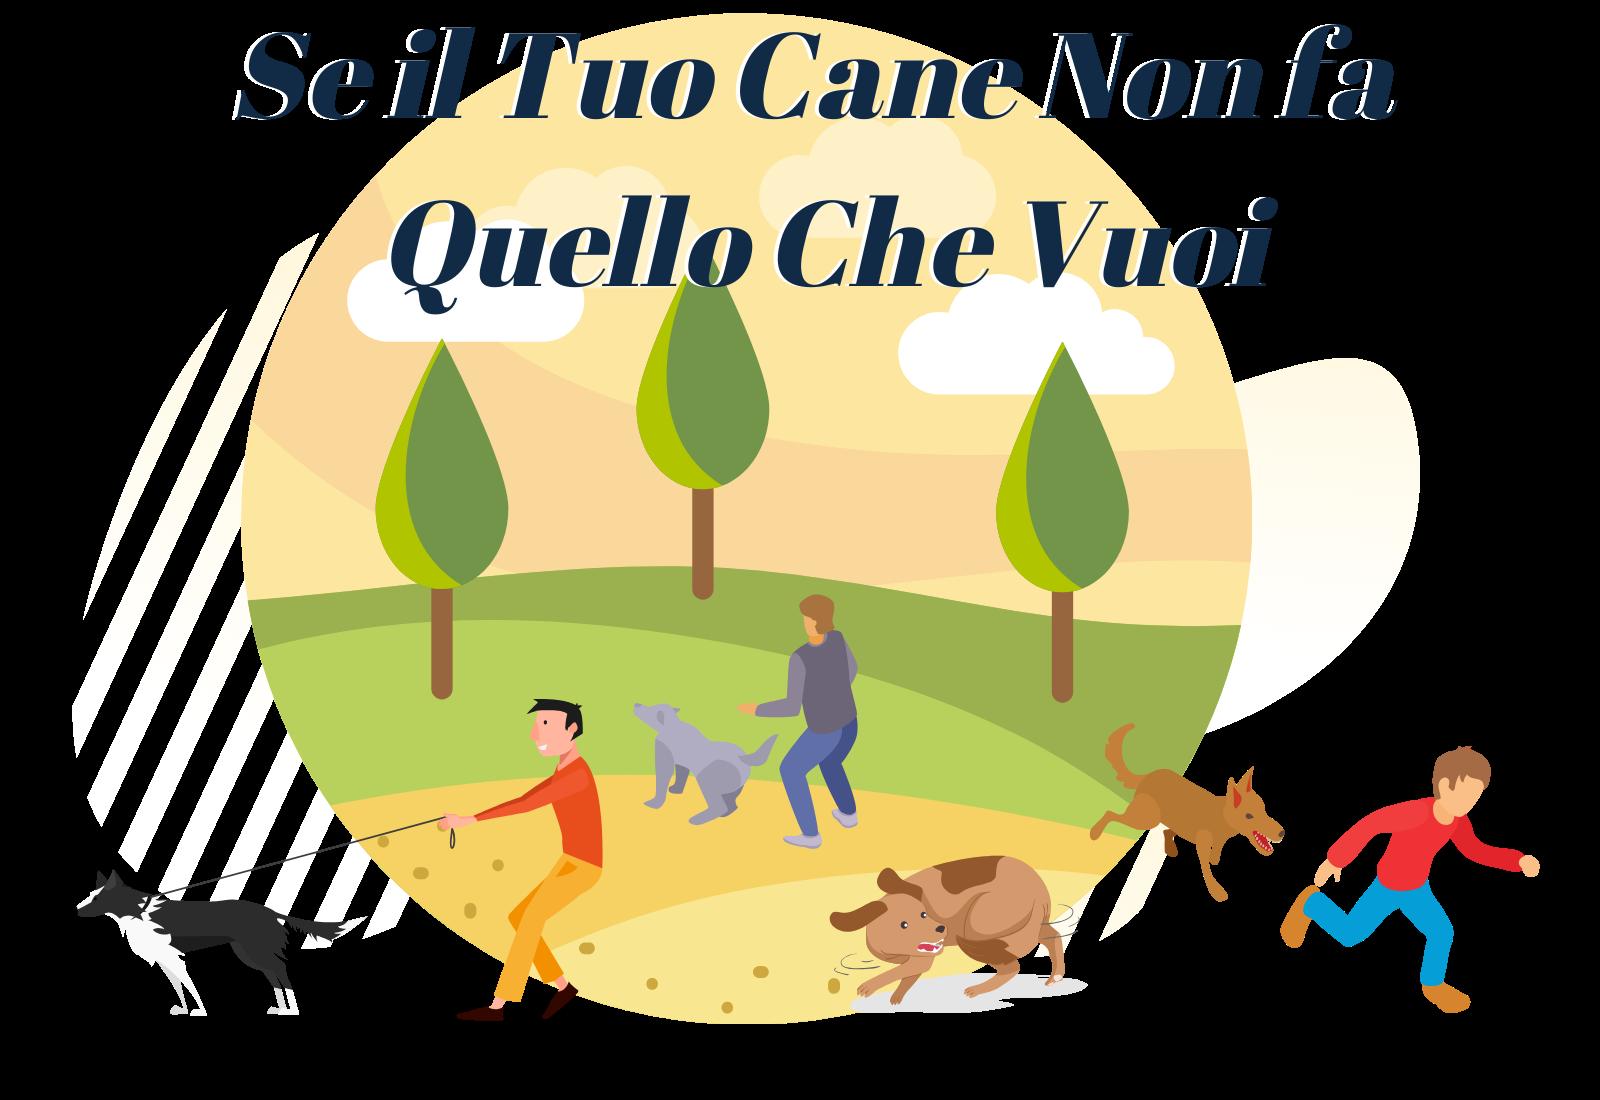 Super cane - corso addestramento cani online e fai da te (3)